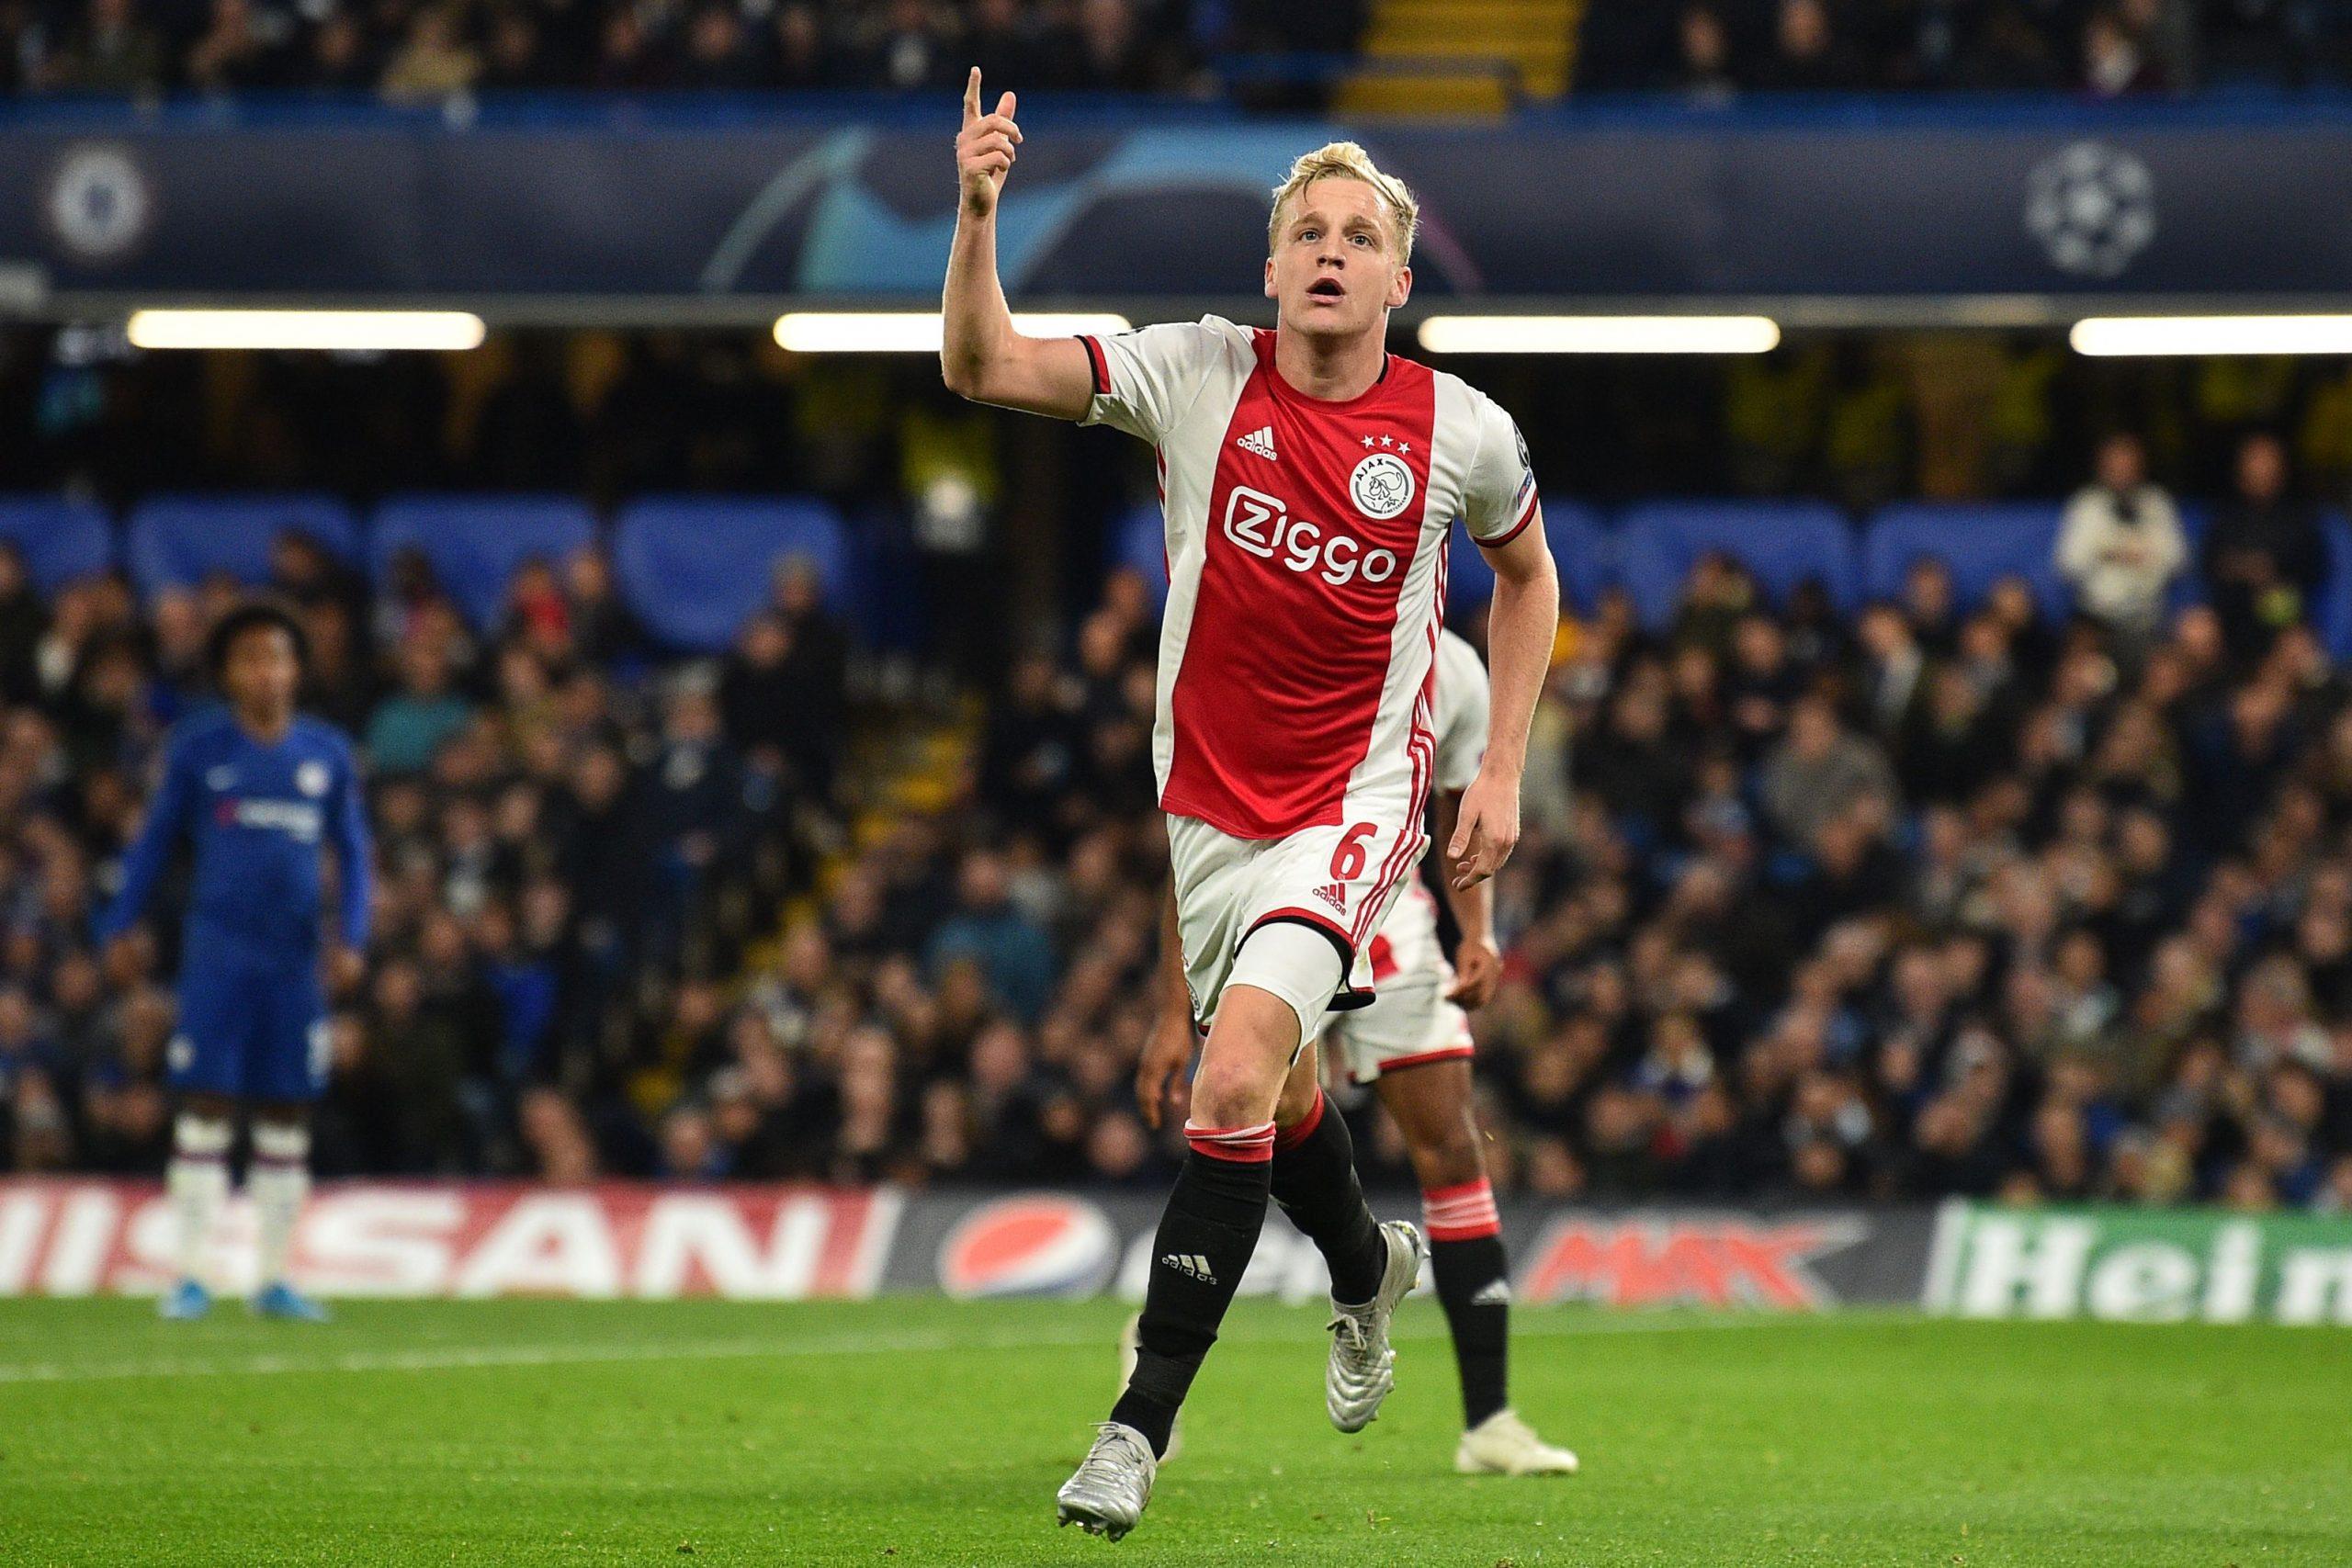 Van der Sar phá vỡ im lặng, lộ mức lương của Van de Beek tại Man United